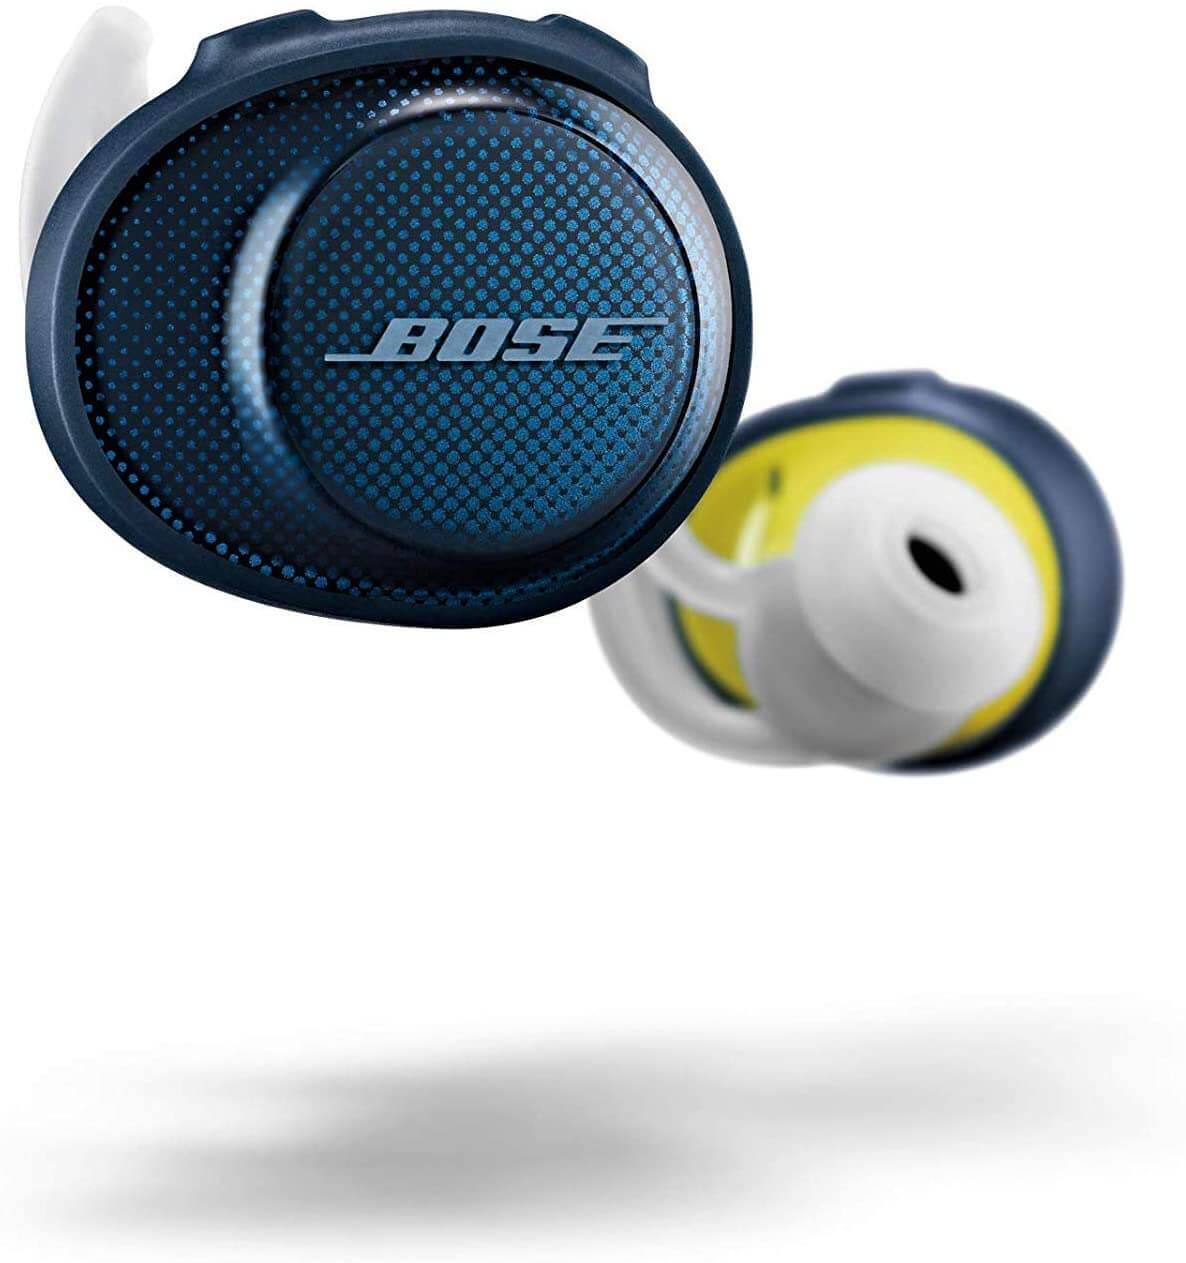 Bose SoundSport Free - Best Wireless Earbuds in 2020